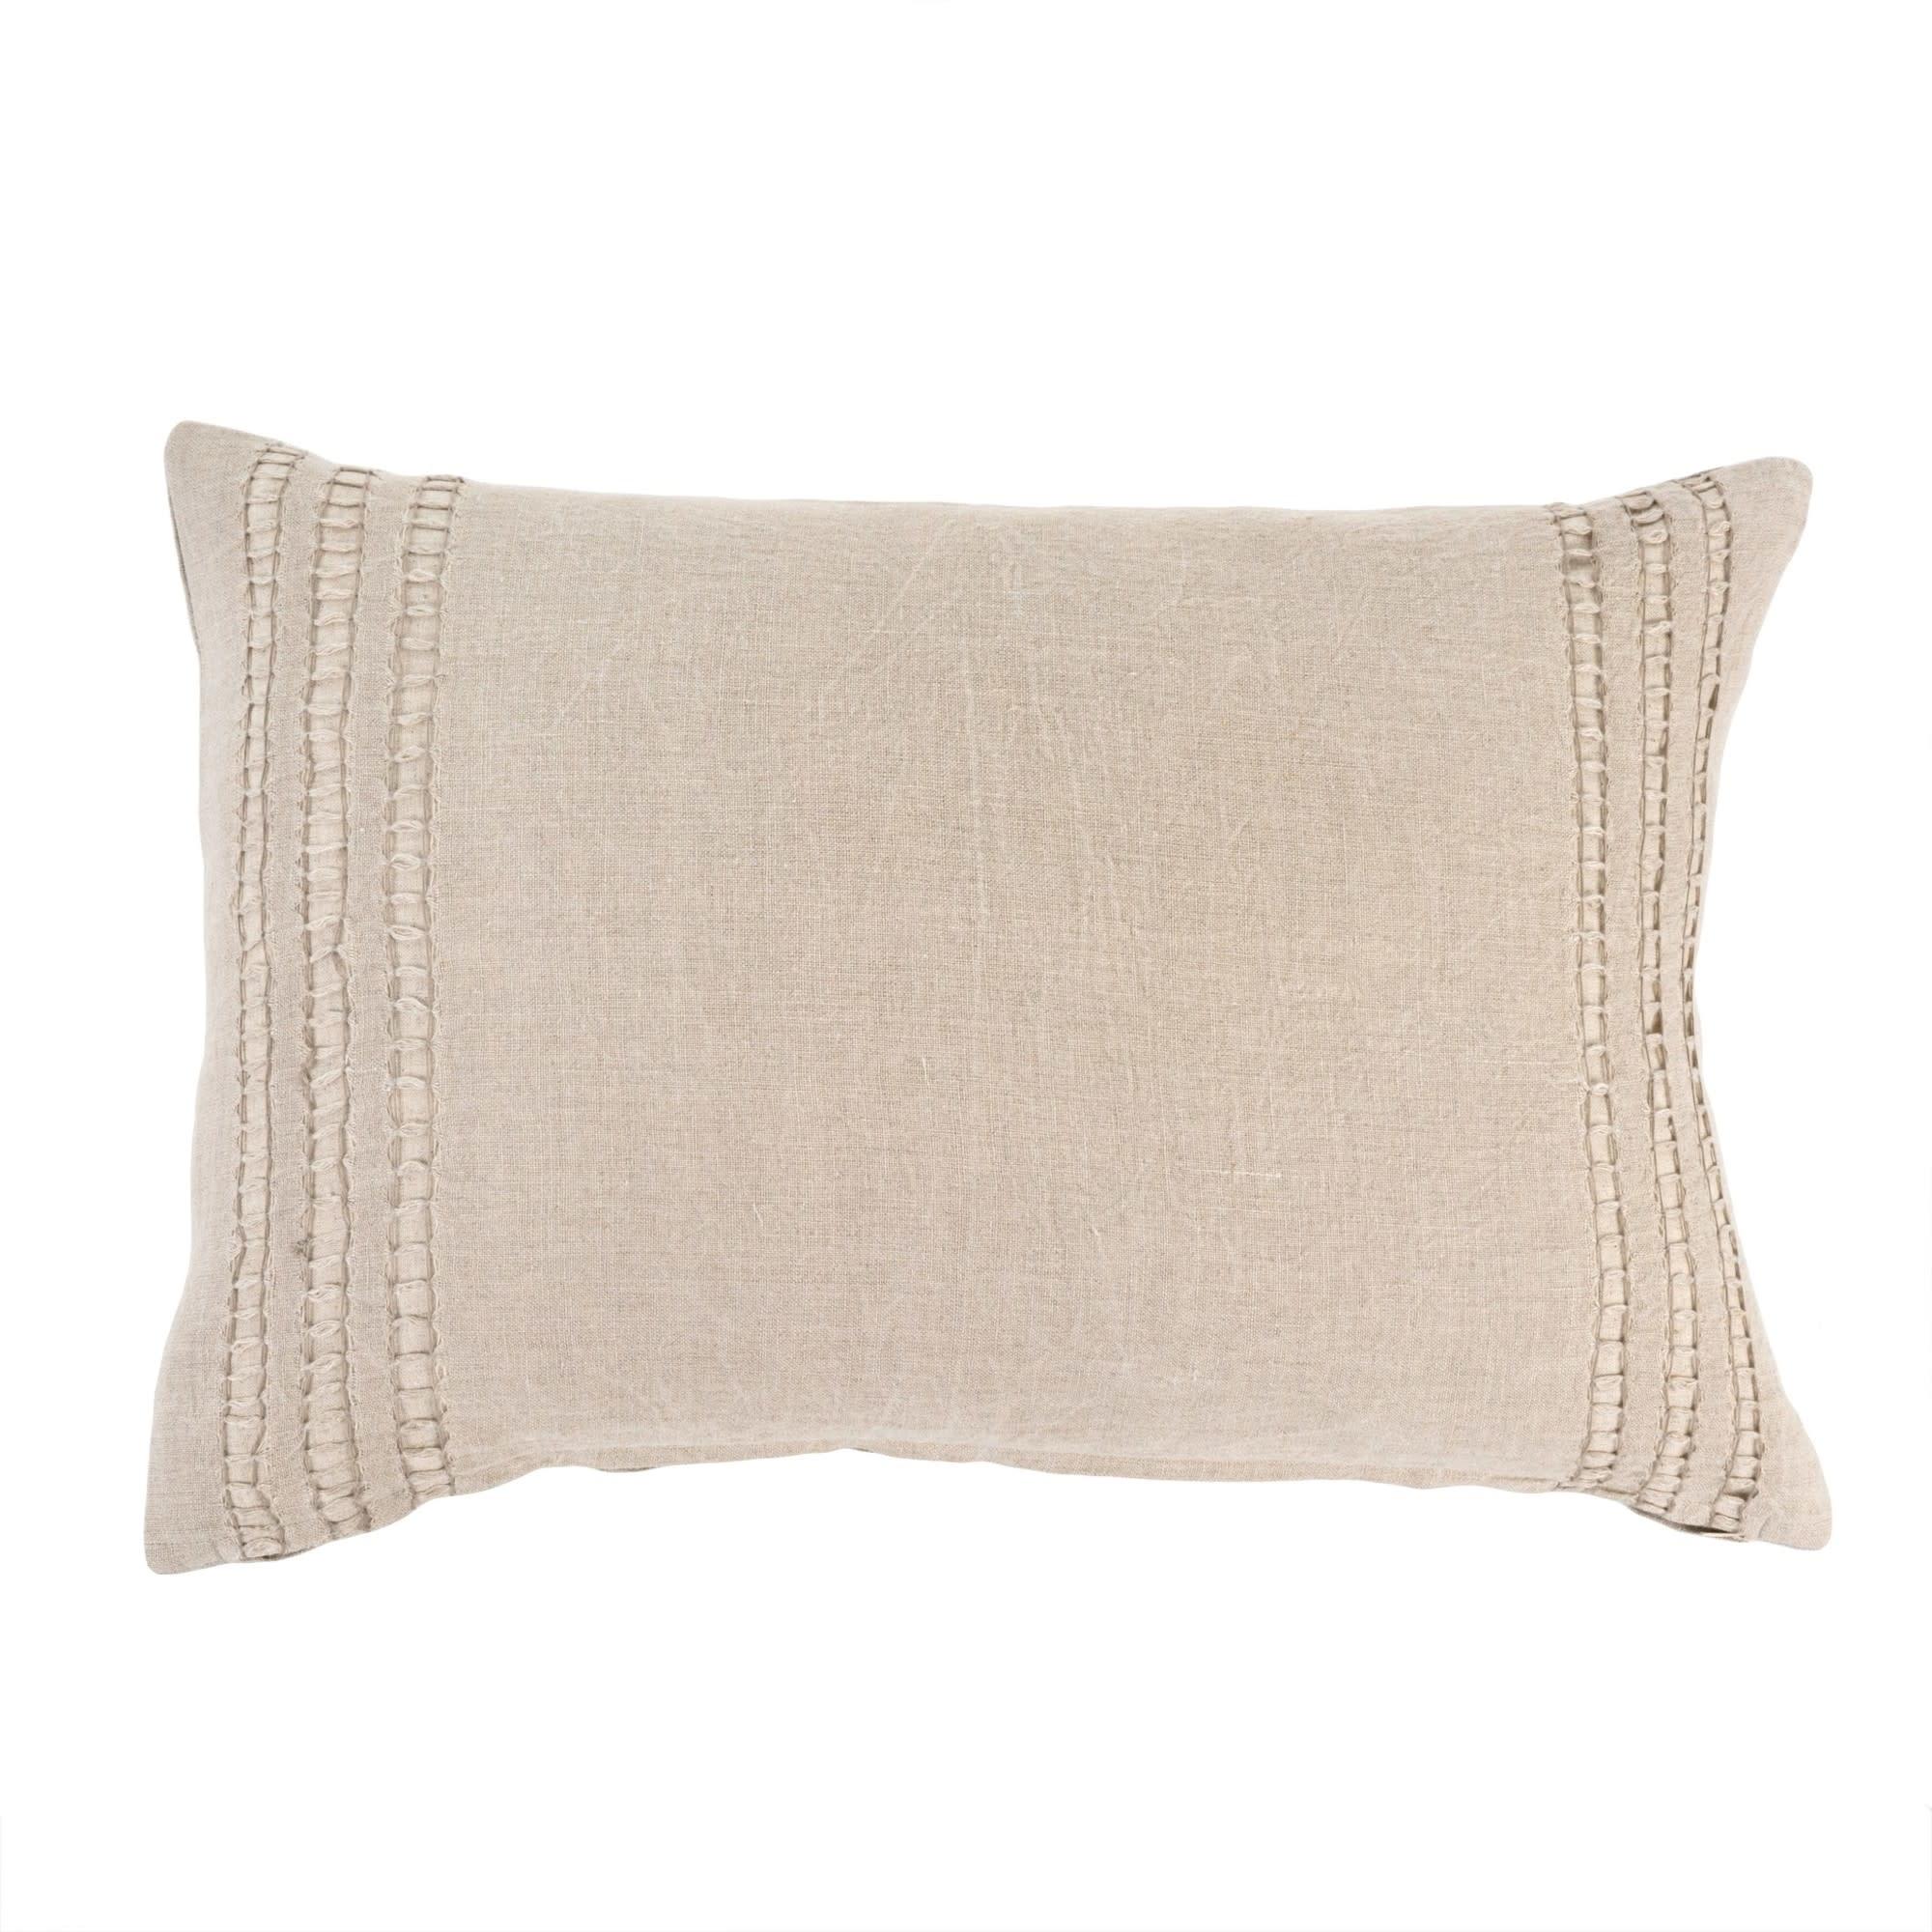 Coventina Cushion - Natural 16 x 24